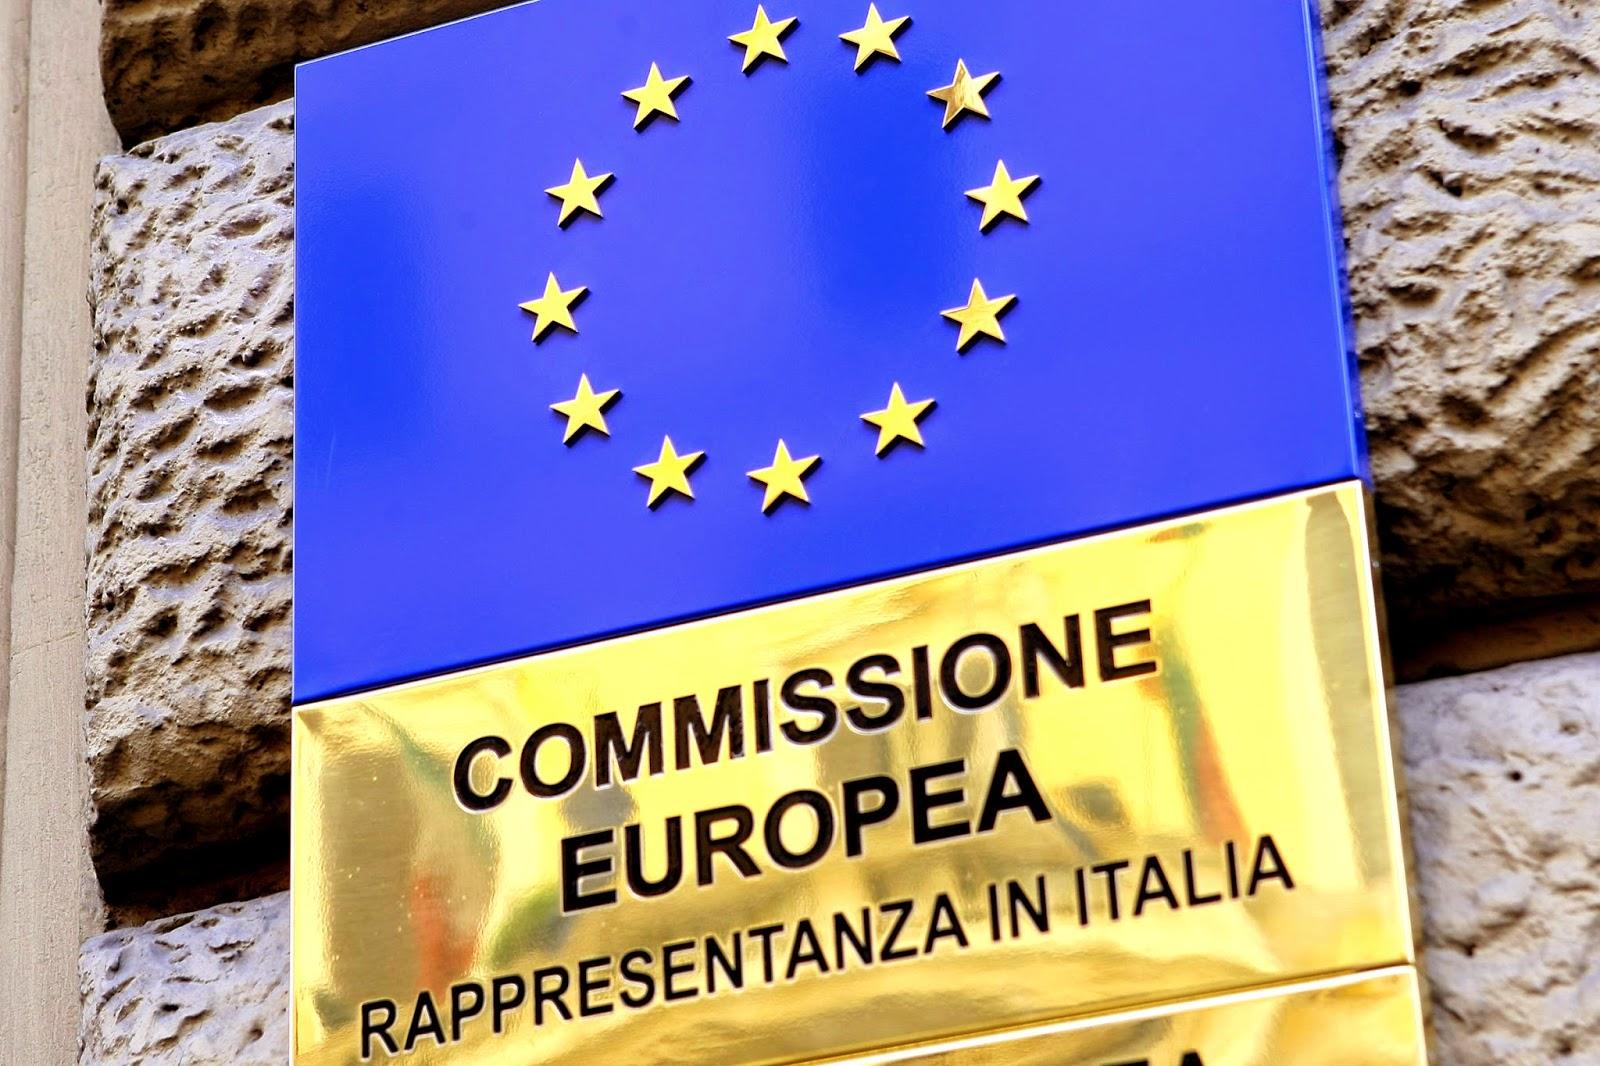 commissione europea - photo #38